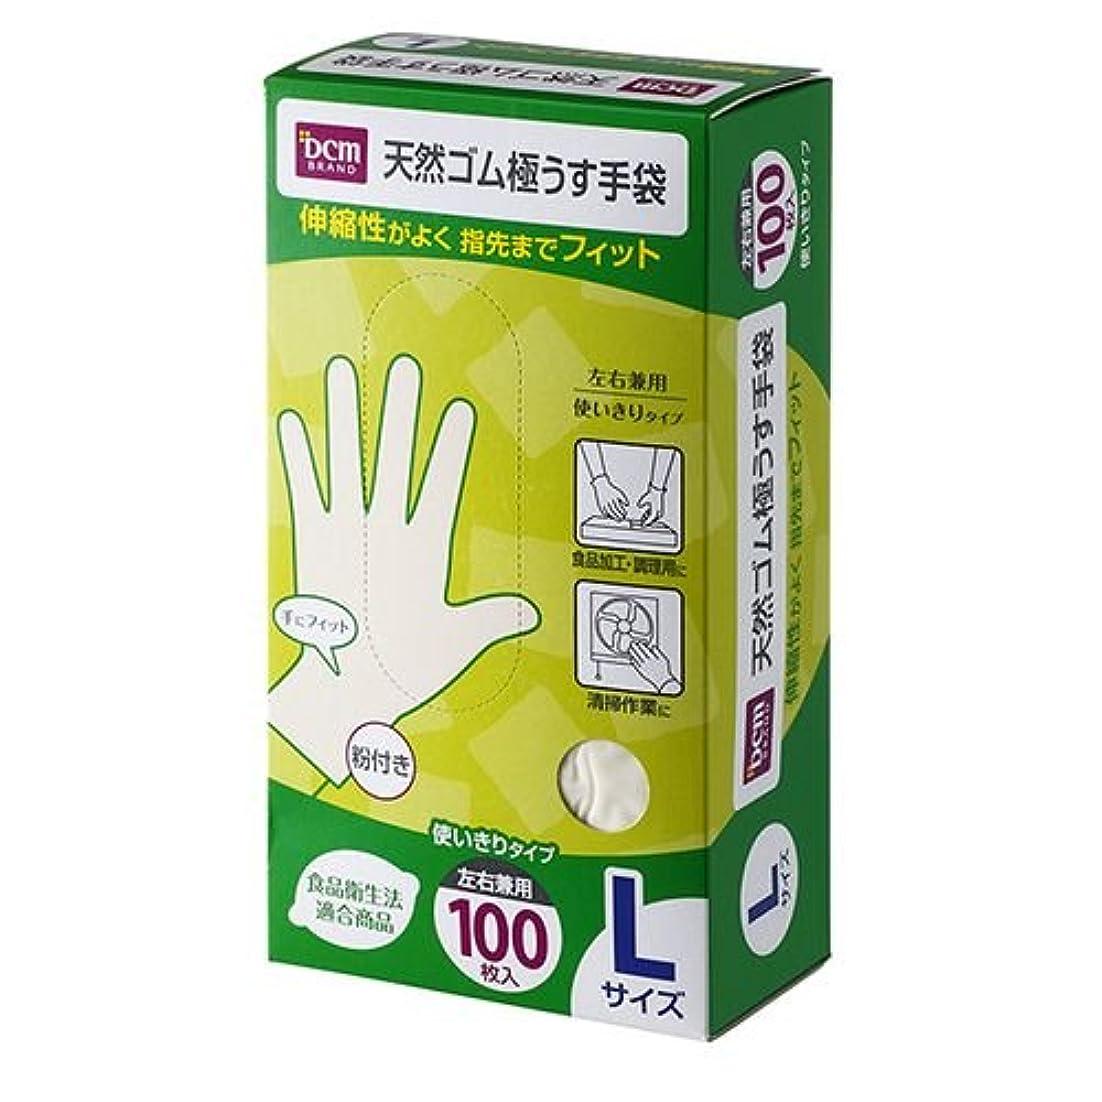 ジャベスウィルソンパス代表する天然ゴム 極うす 手袋 HI06T81 L 100枚入 L